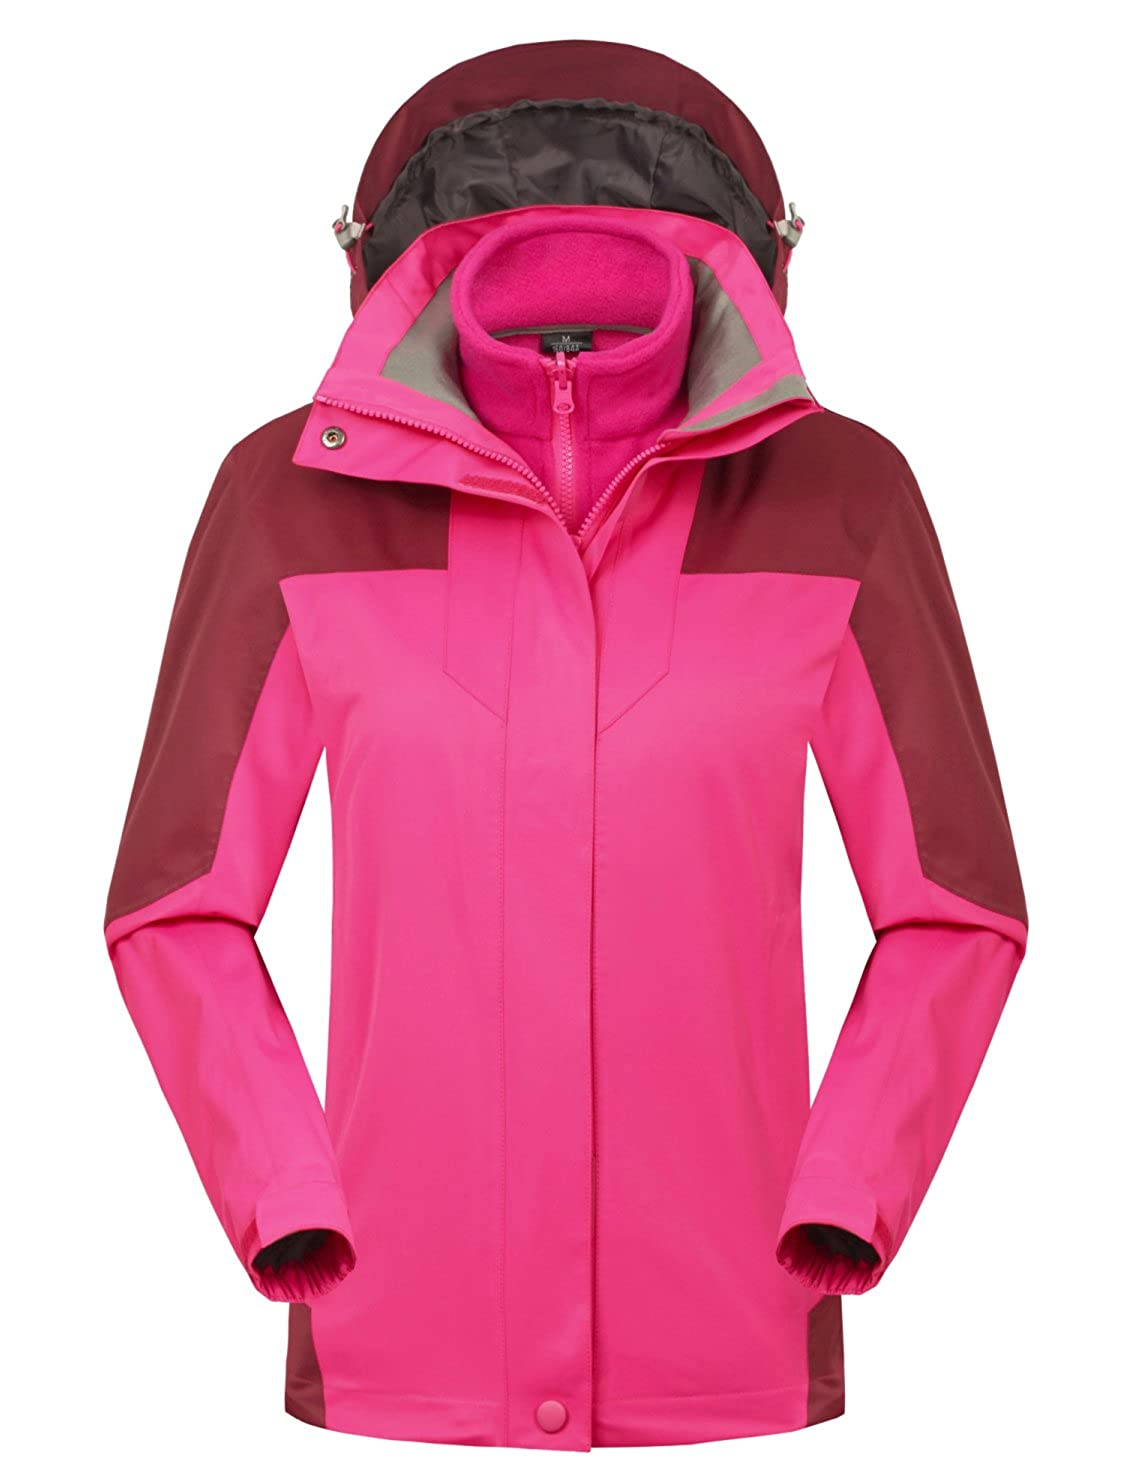 Mocotono Womens Waterproof Rain Jacket Fleece Snow Ski Winter Coat Jaket Silver Misty Cfy W1798